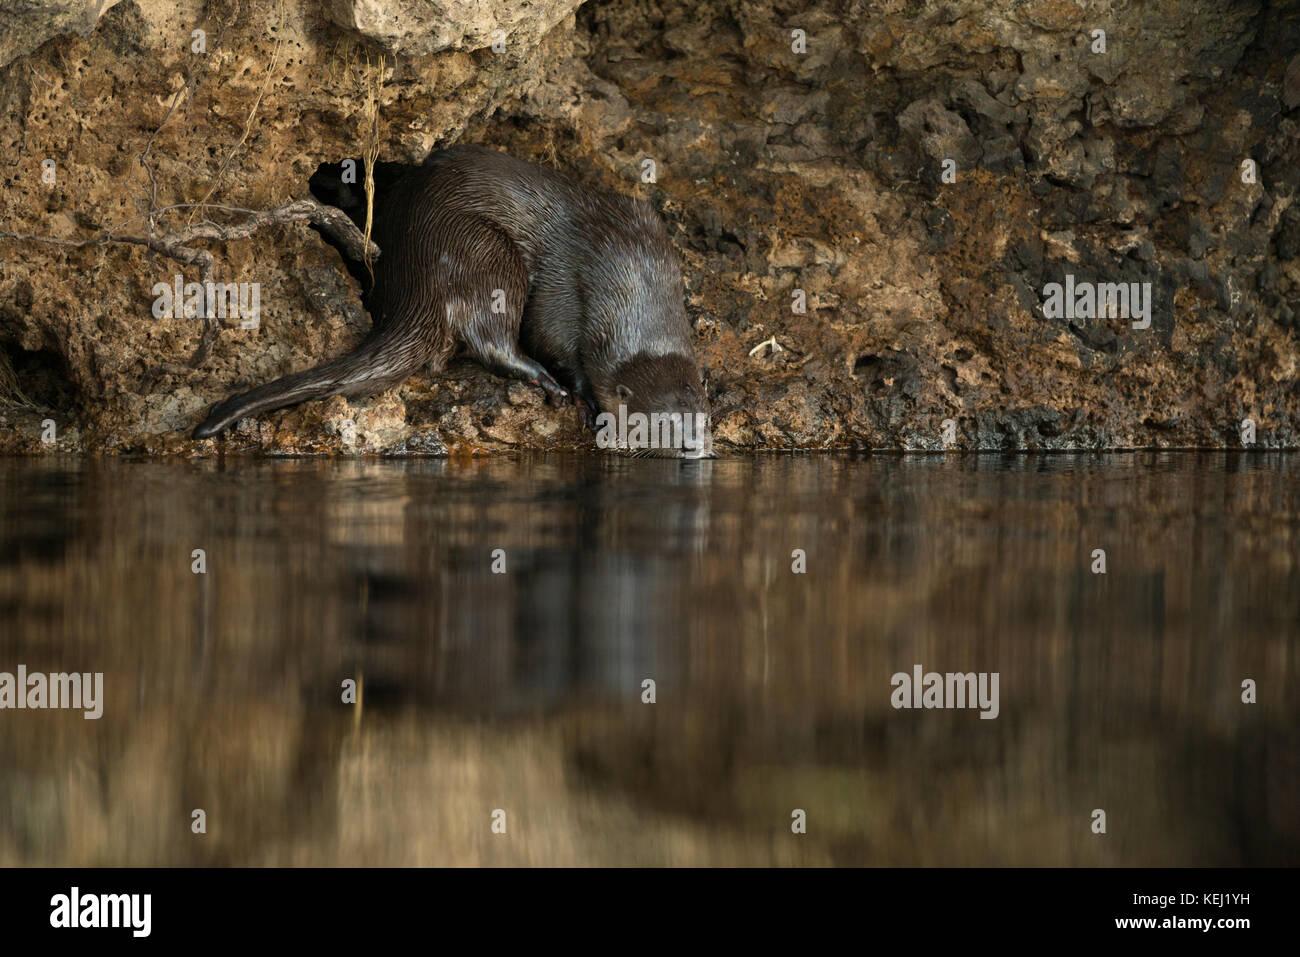 Une loutre néotropicale entrant dans l'eau en Afrique du Pantanal, Brésil Banque D'Images